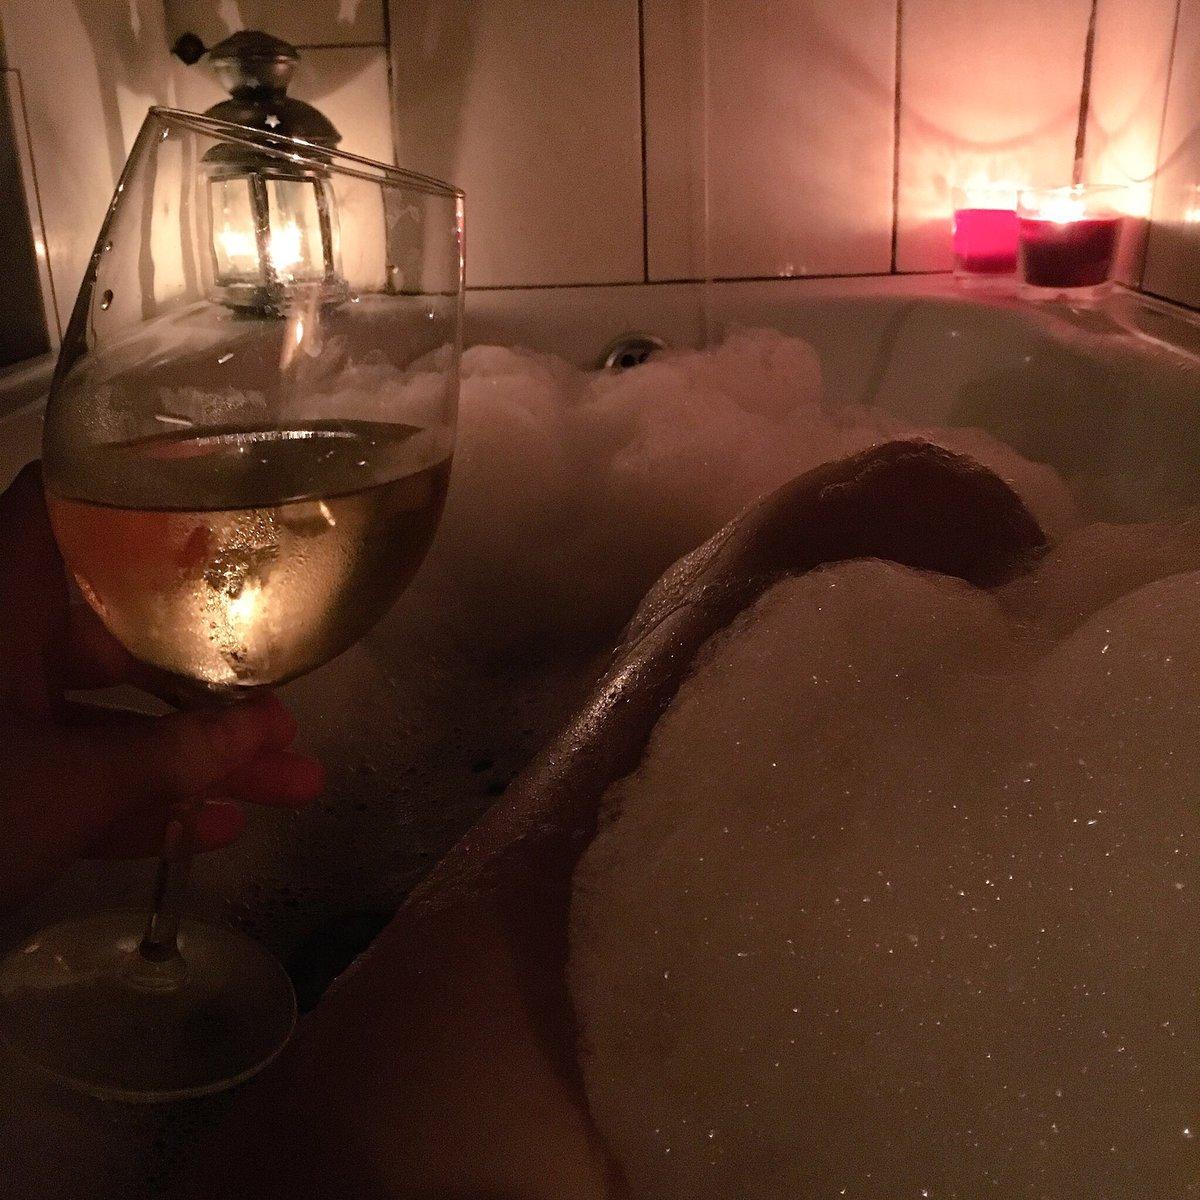 Любительское домашнее фото в ванной #15